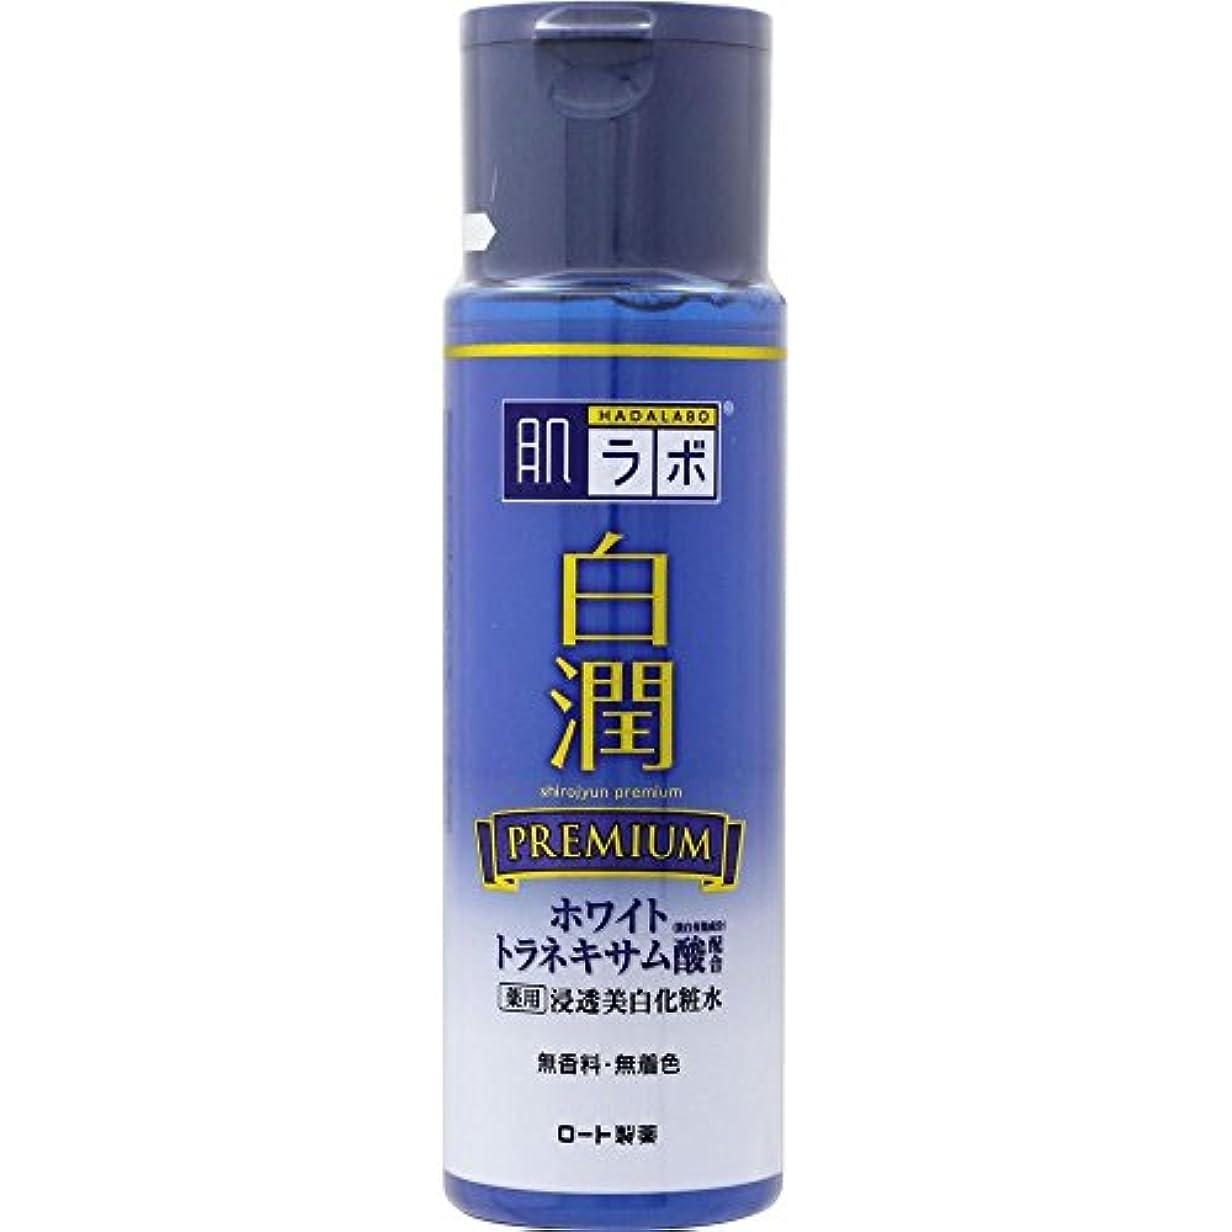 棚考案するゲージ肌ラボ 白潤プレミアム 薬用浸透美白化粧水 170mL (医薬部外品)